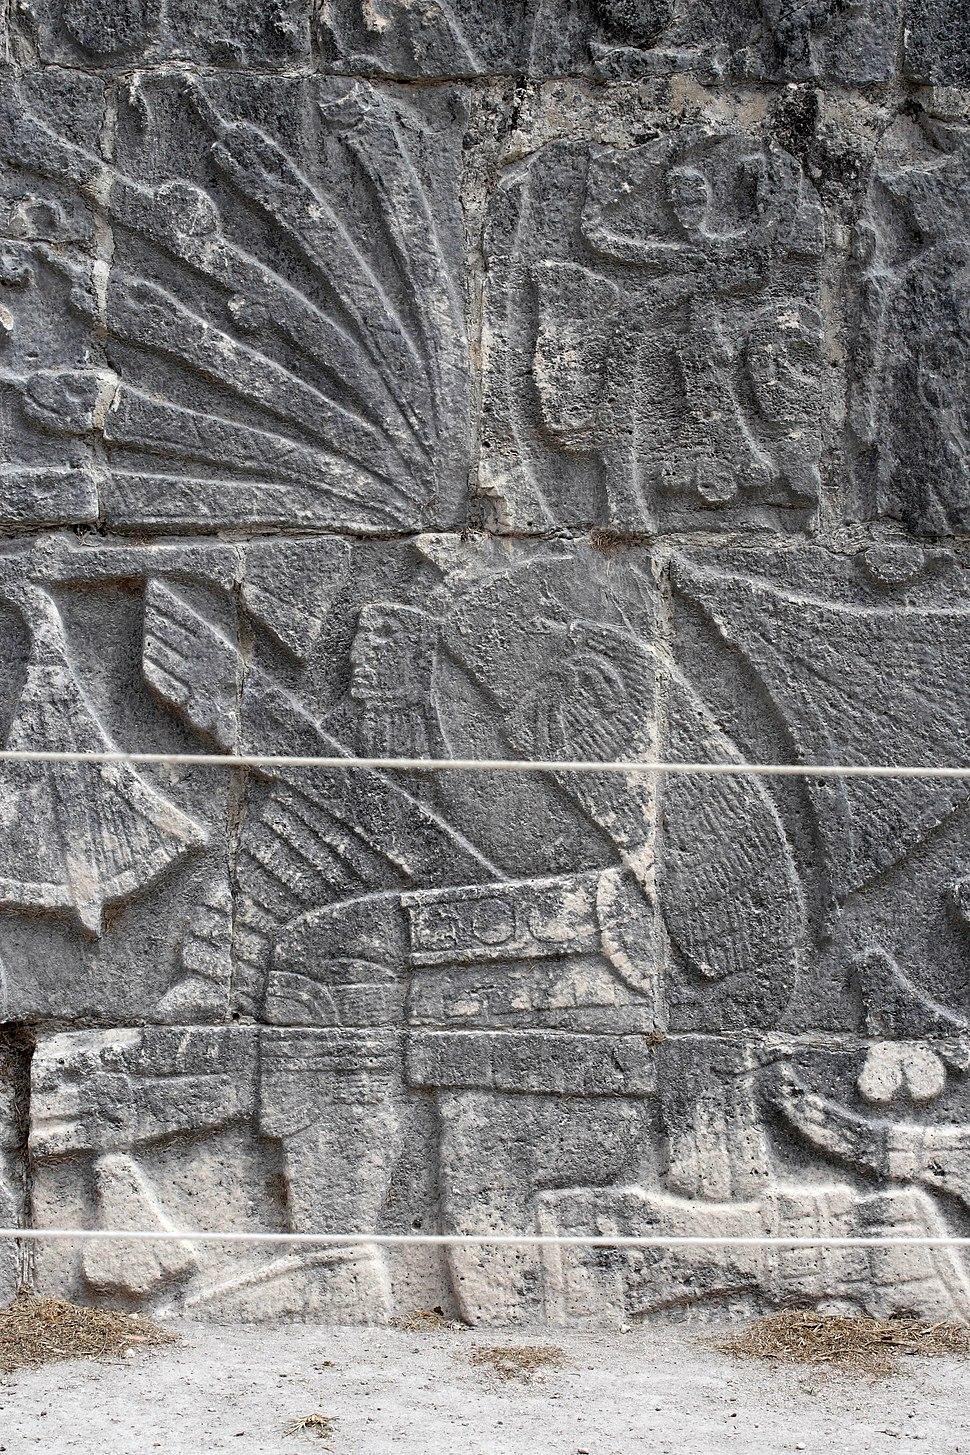 Ballgame sacrifice relief, Chichen Itza